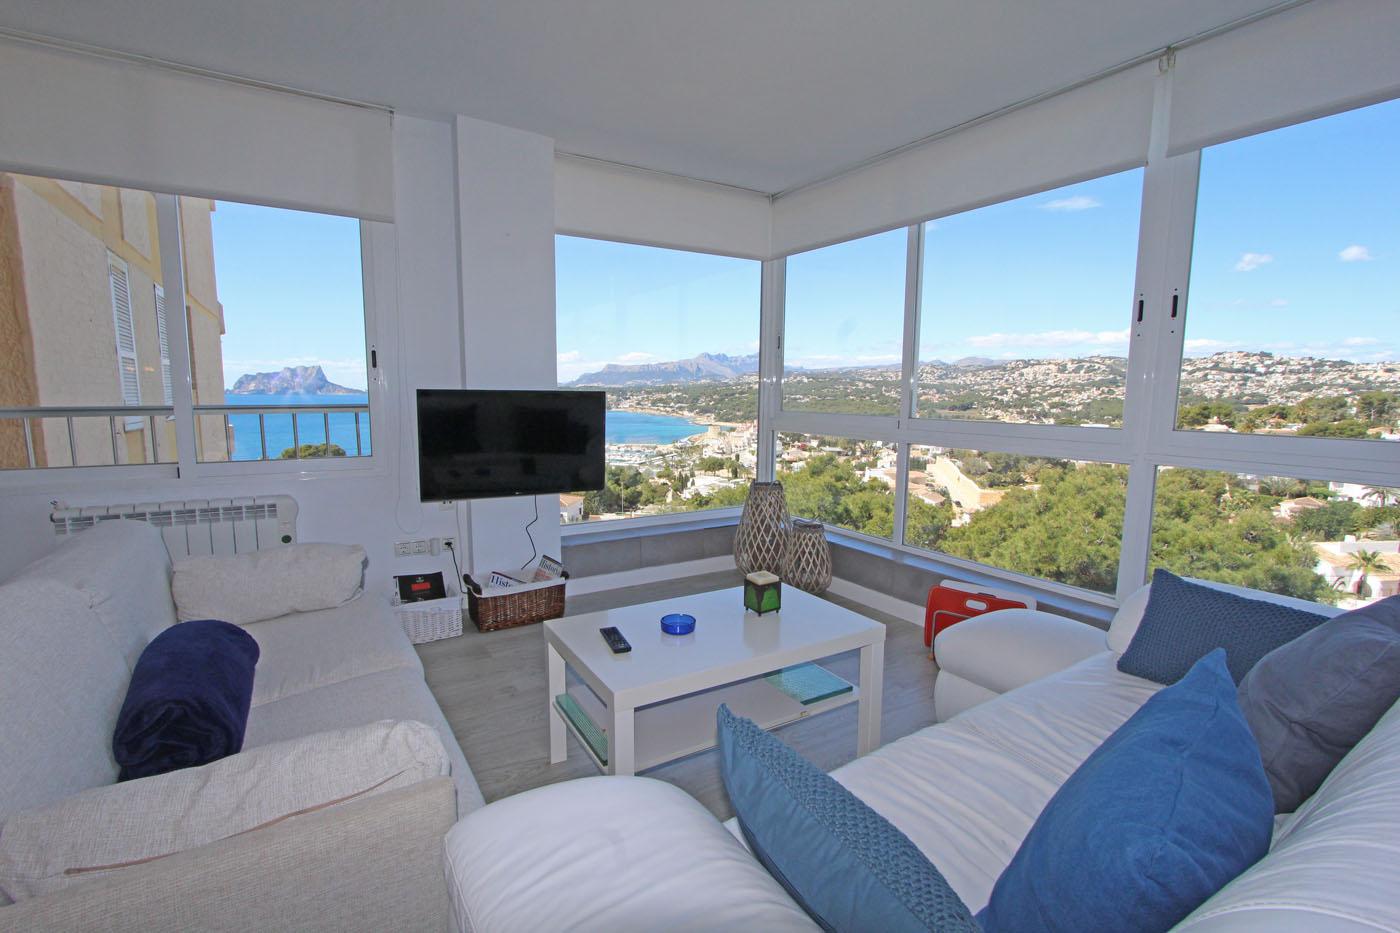 Apartamento Pili,Современный, уютный апартамент  на 3 человекa в Морайрe, нa Коста Бланкe, в Испании...